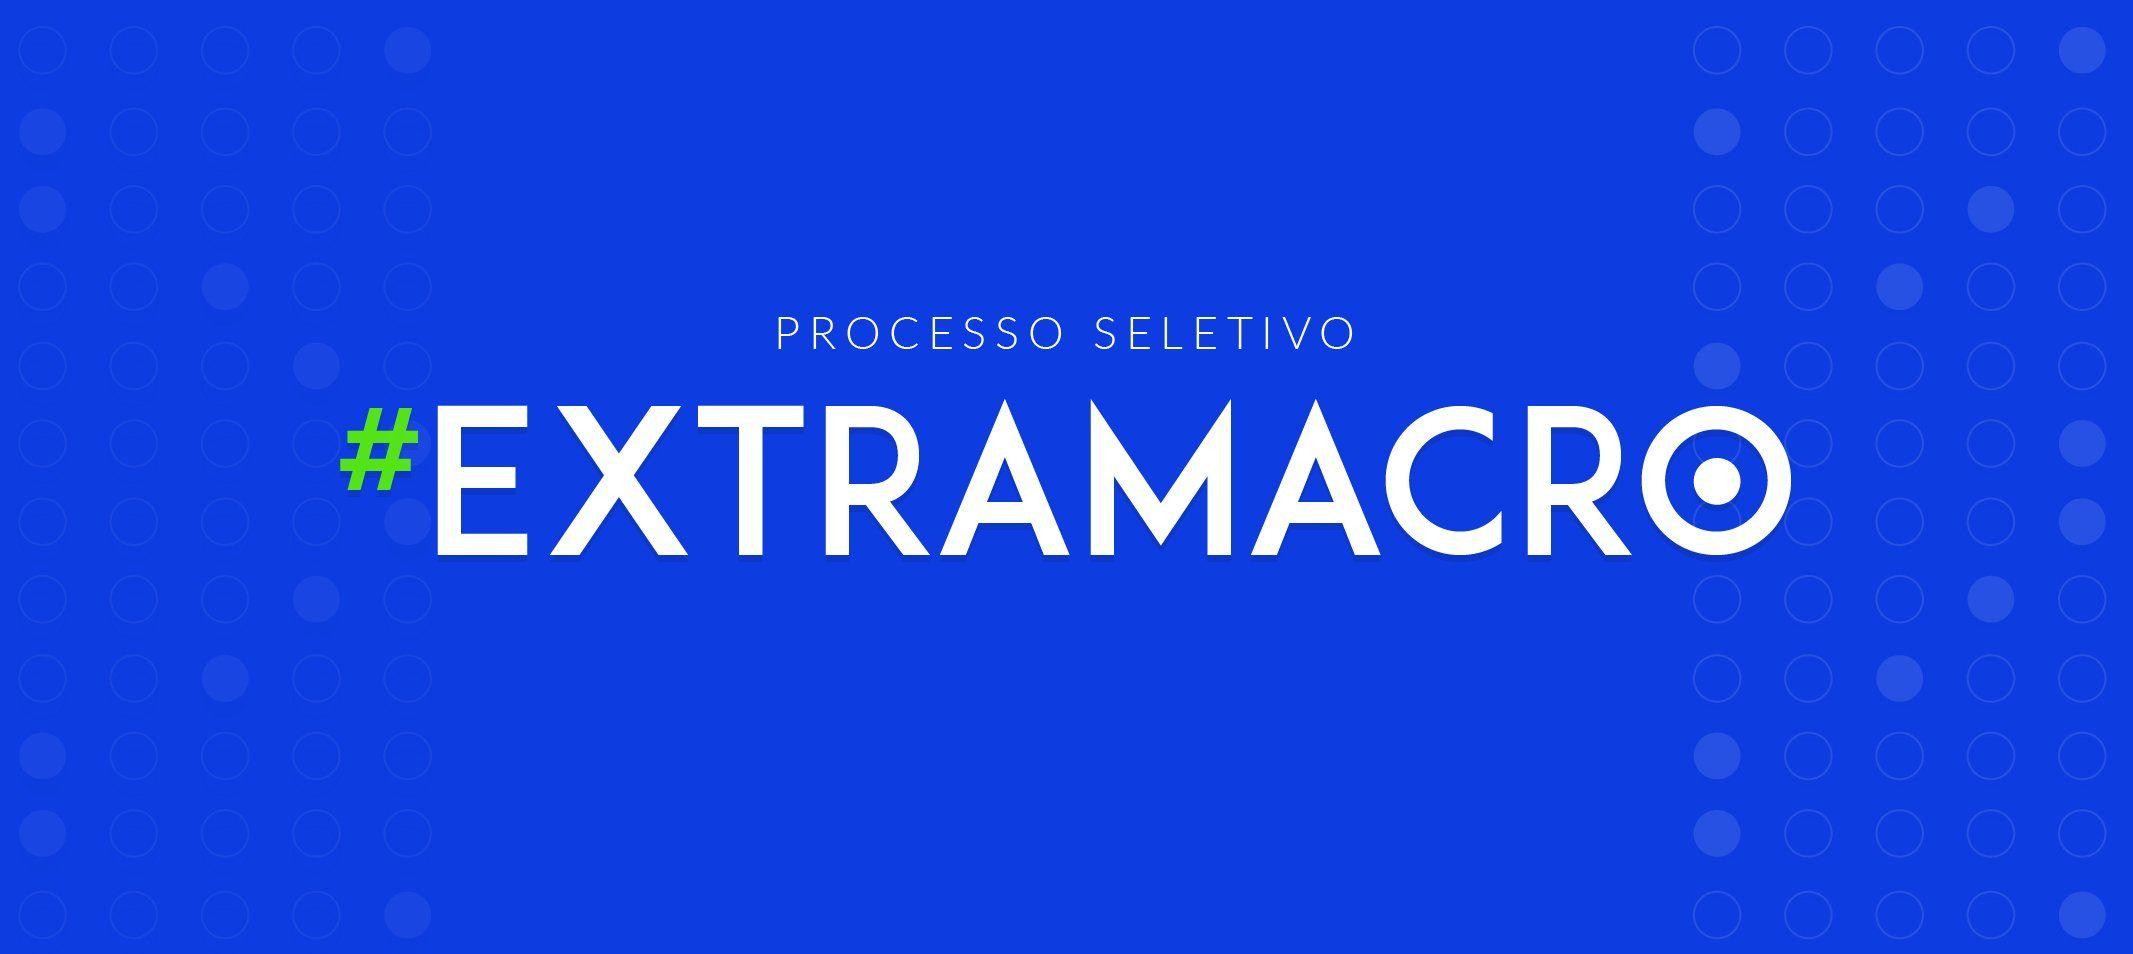 Publicado edital para Processo Seletivo Extramacro (PSE)